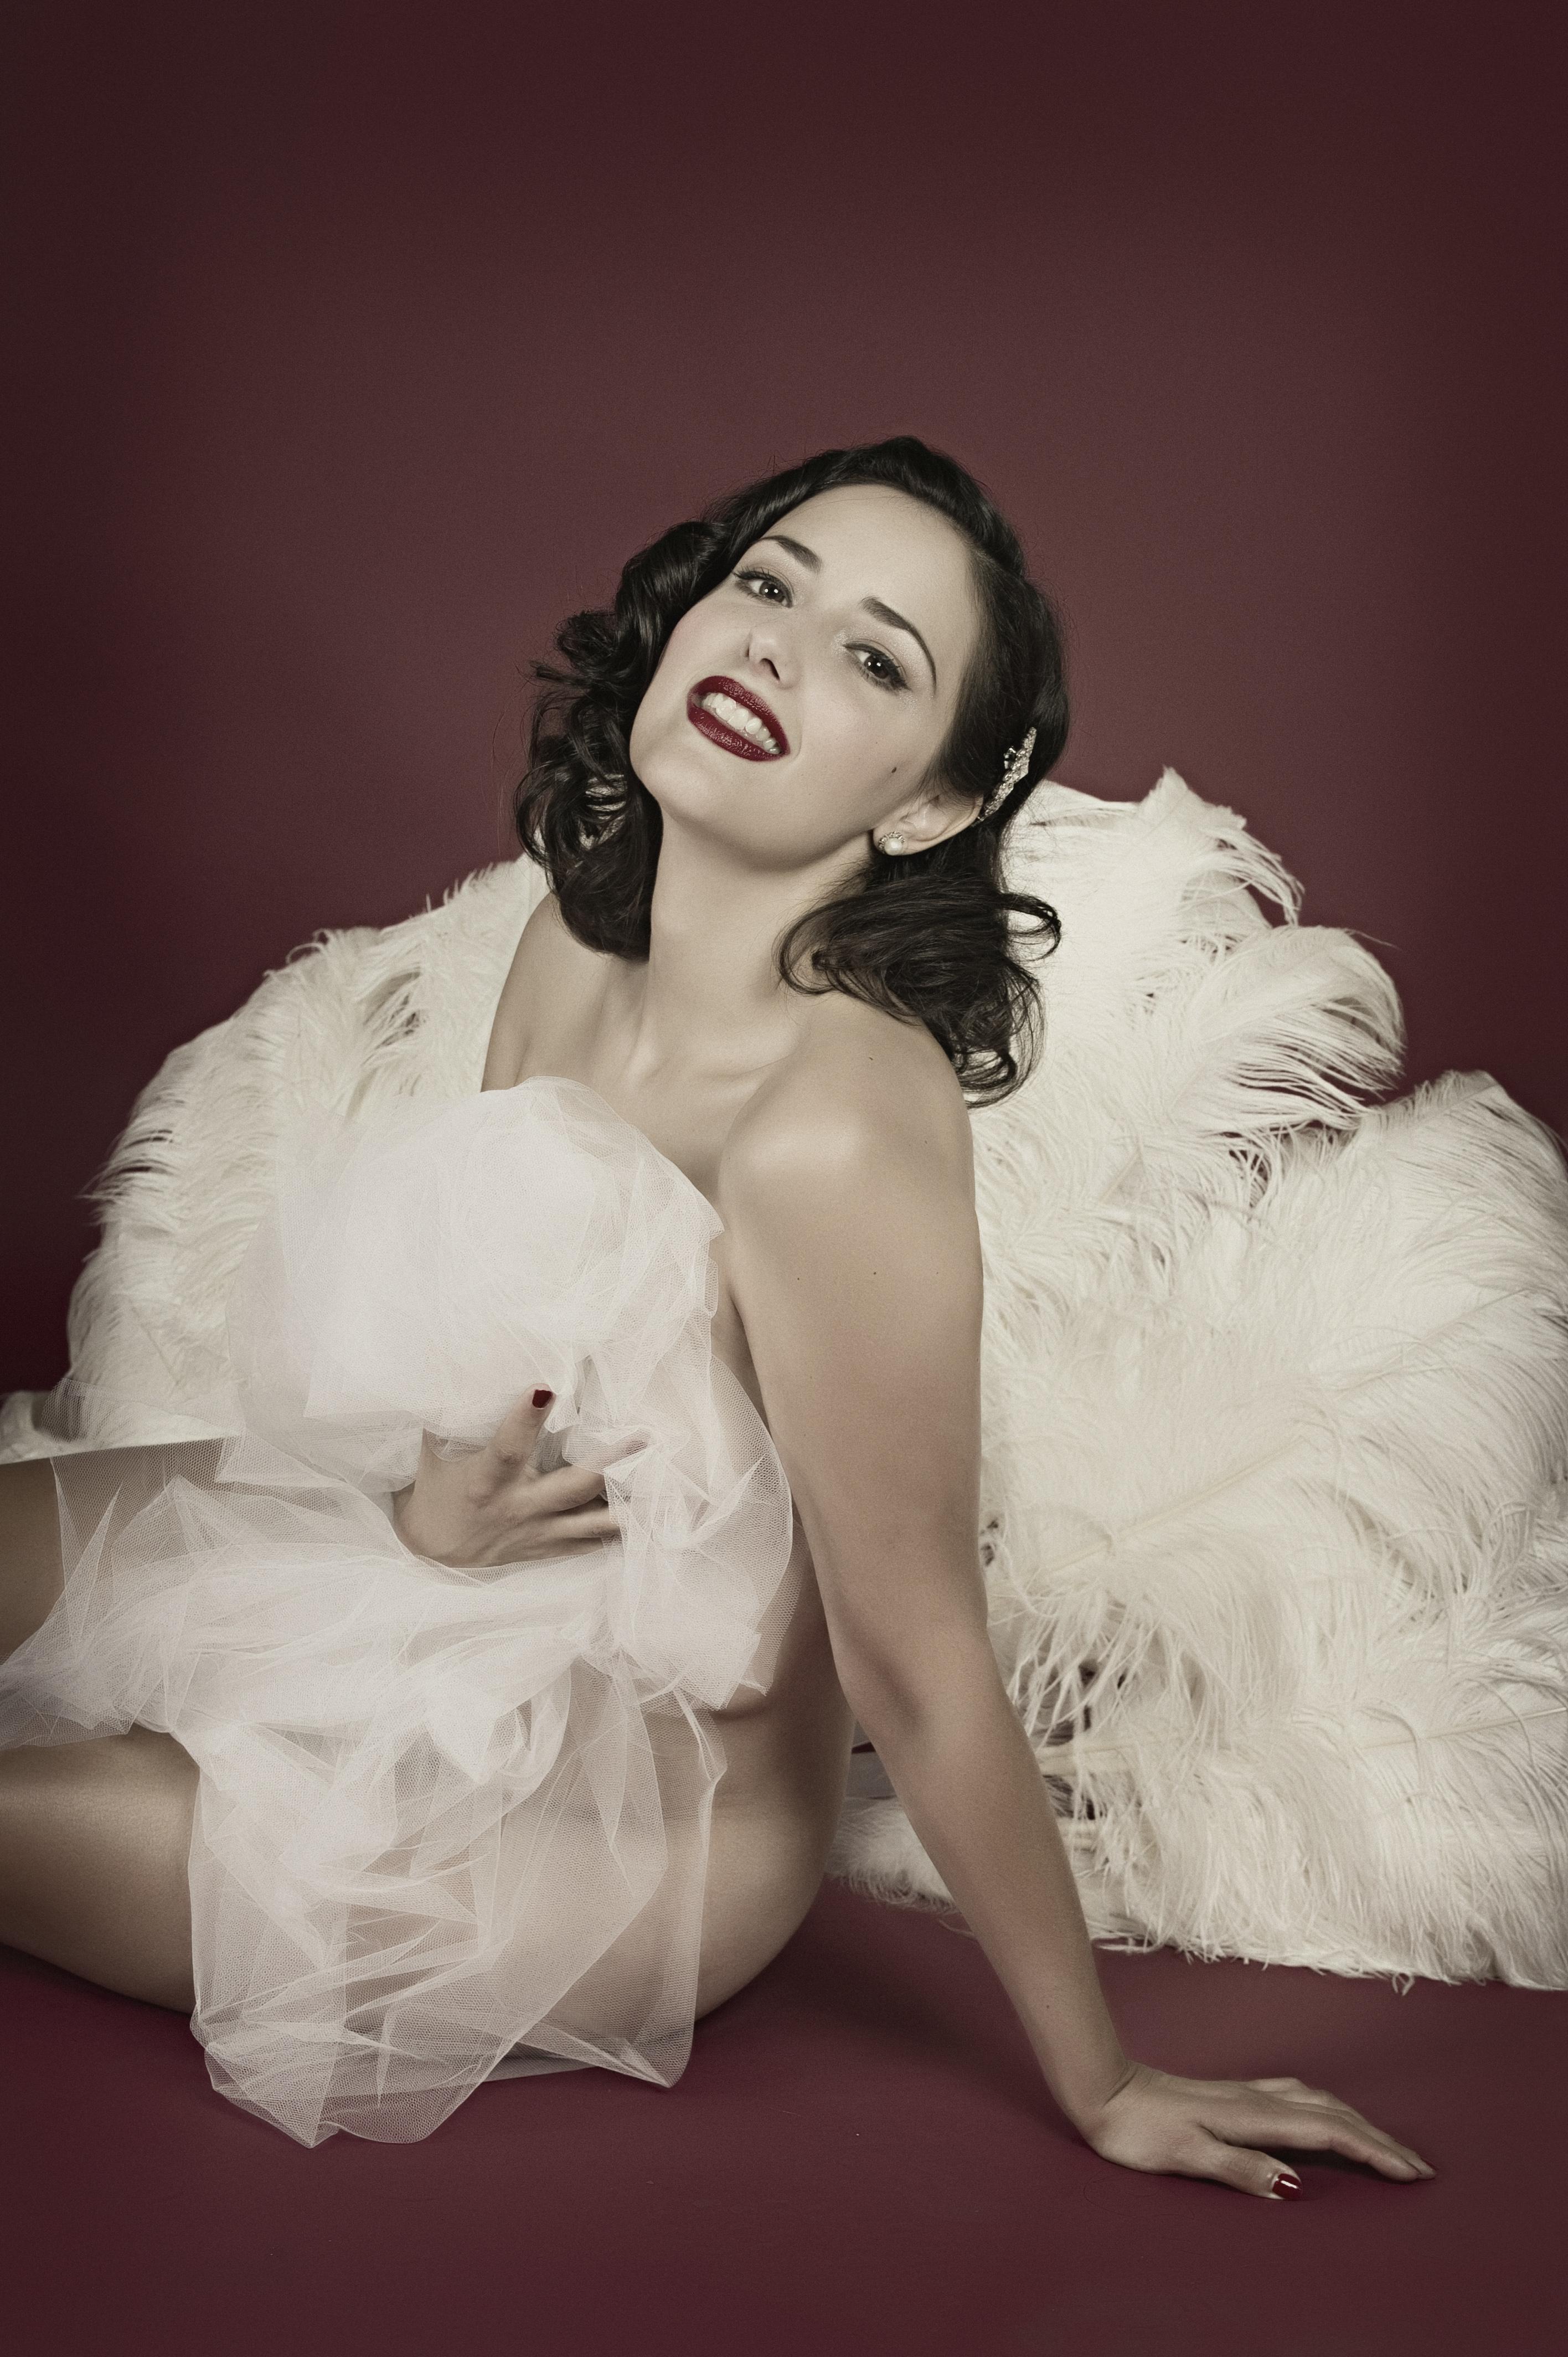 © Piergiorgio Pirrone - LaPresse 04-10-2011 Roma Ritratti esclusivi di Emma Nitti - Grace Hall , la regina del burlesque italiano